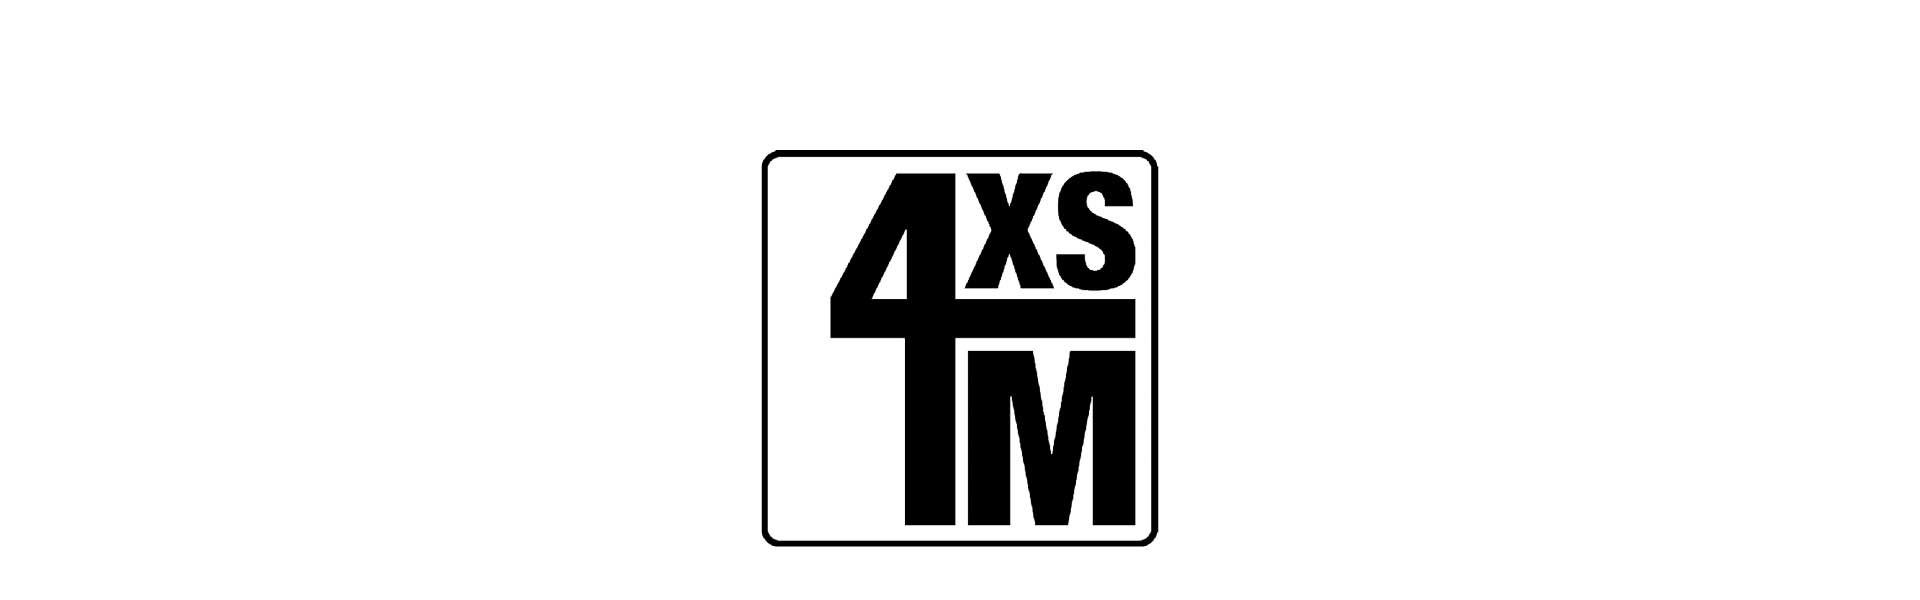 De mooiste mannen accessoires van XS4M!